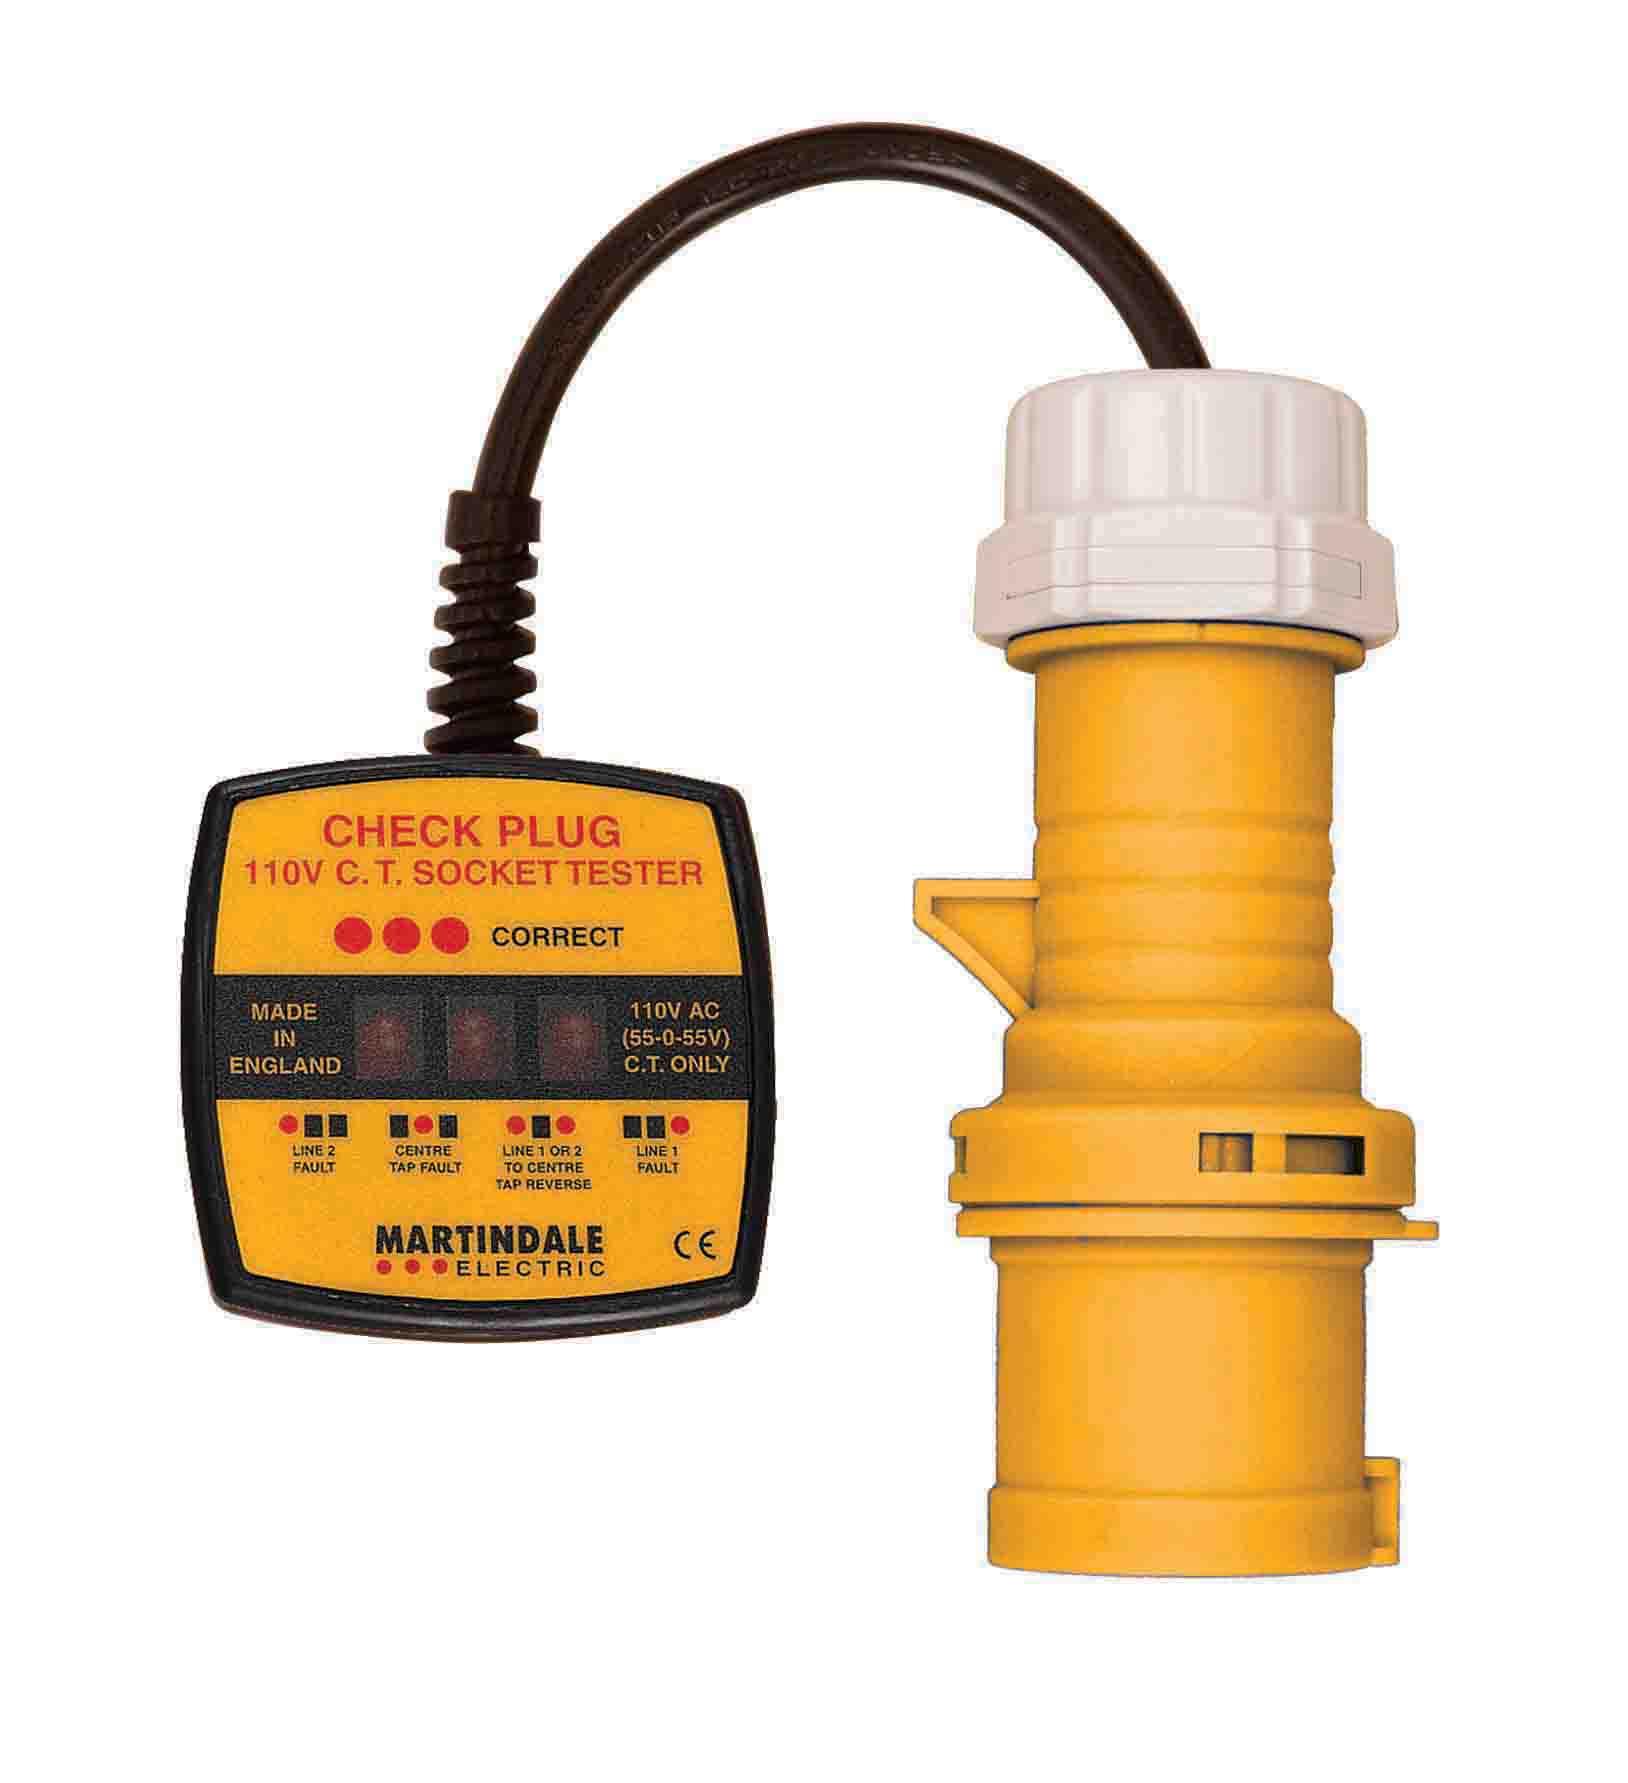 Electrical Socket Tester : Martindale cp v socket tester